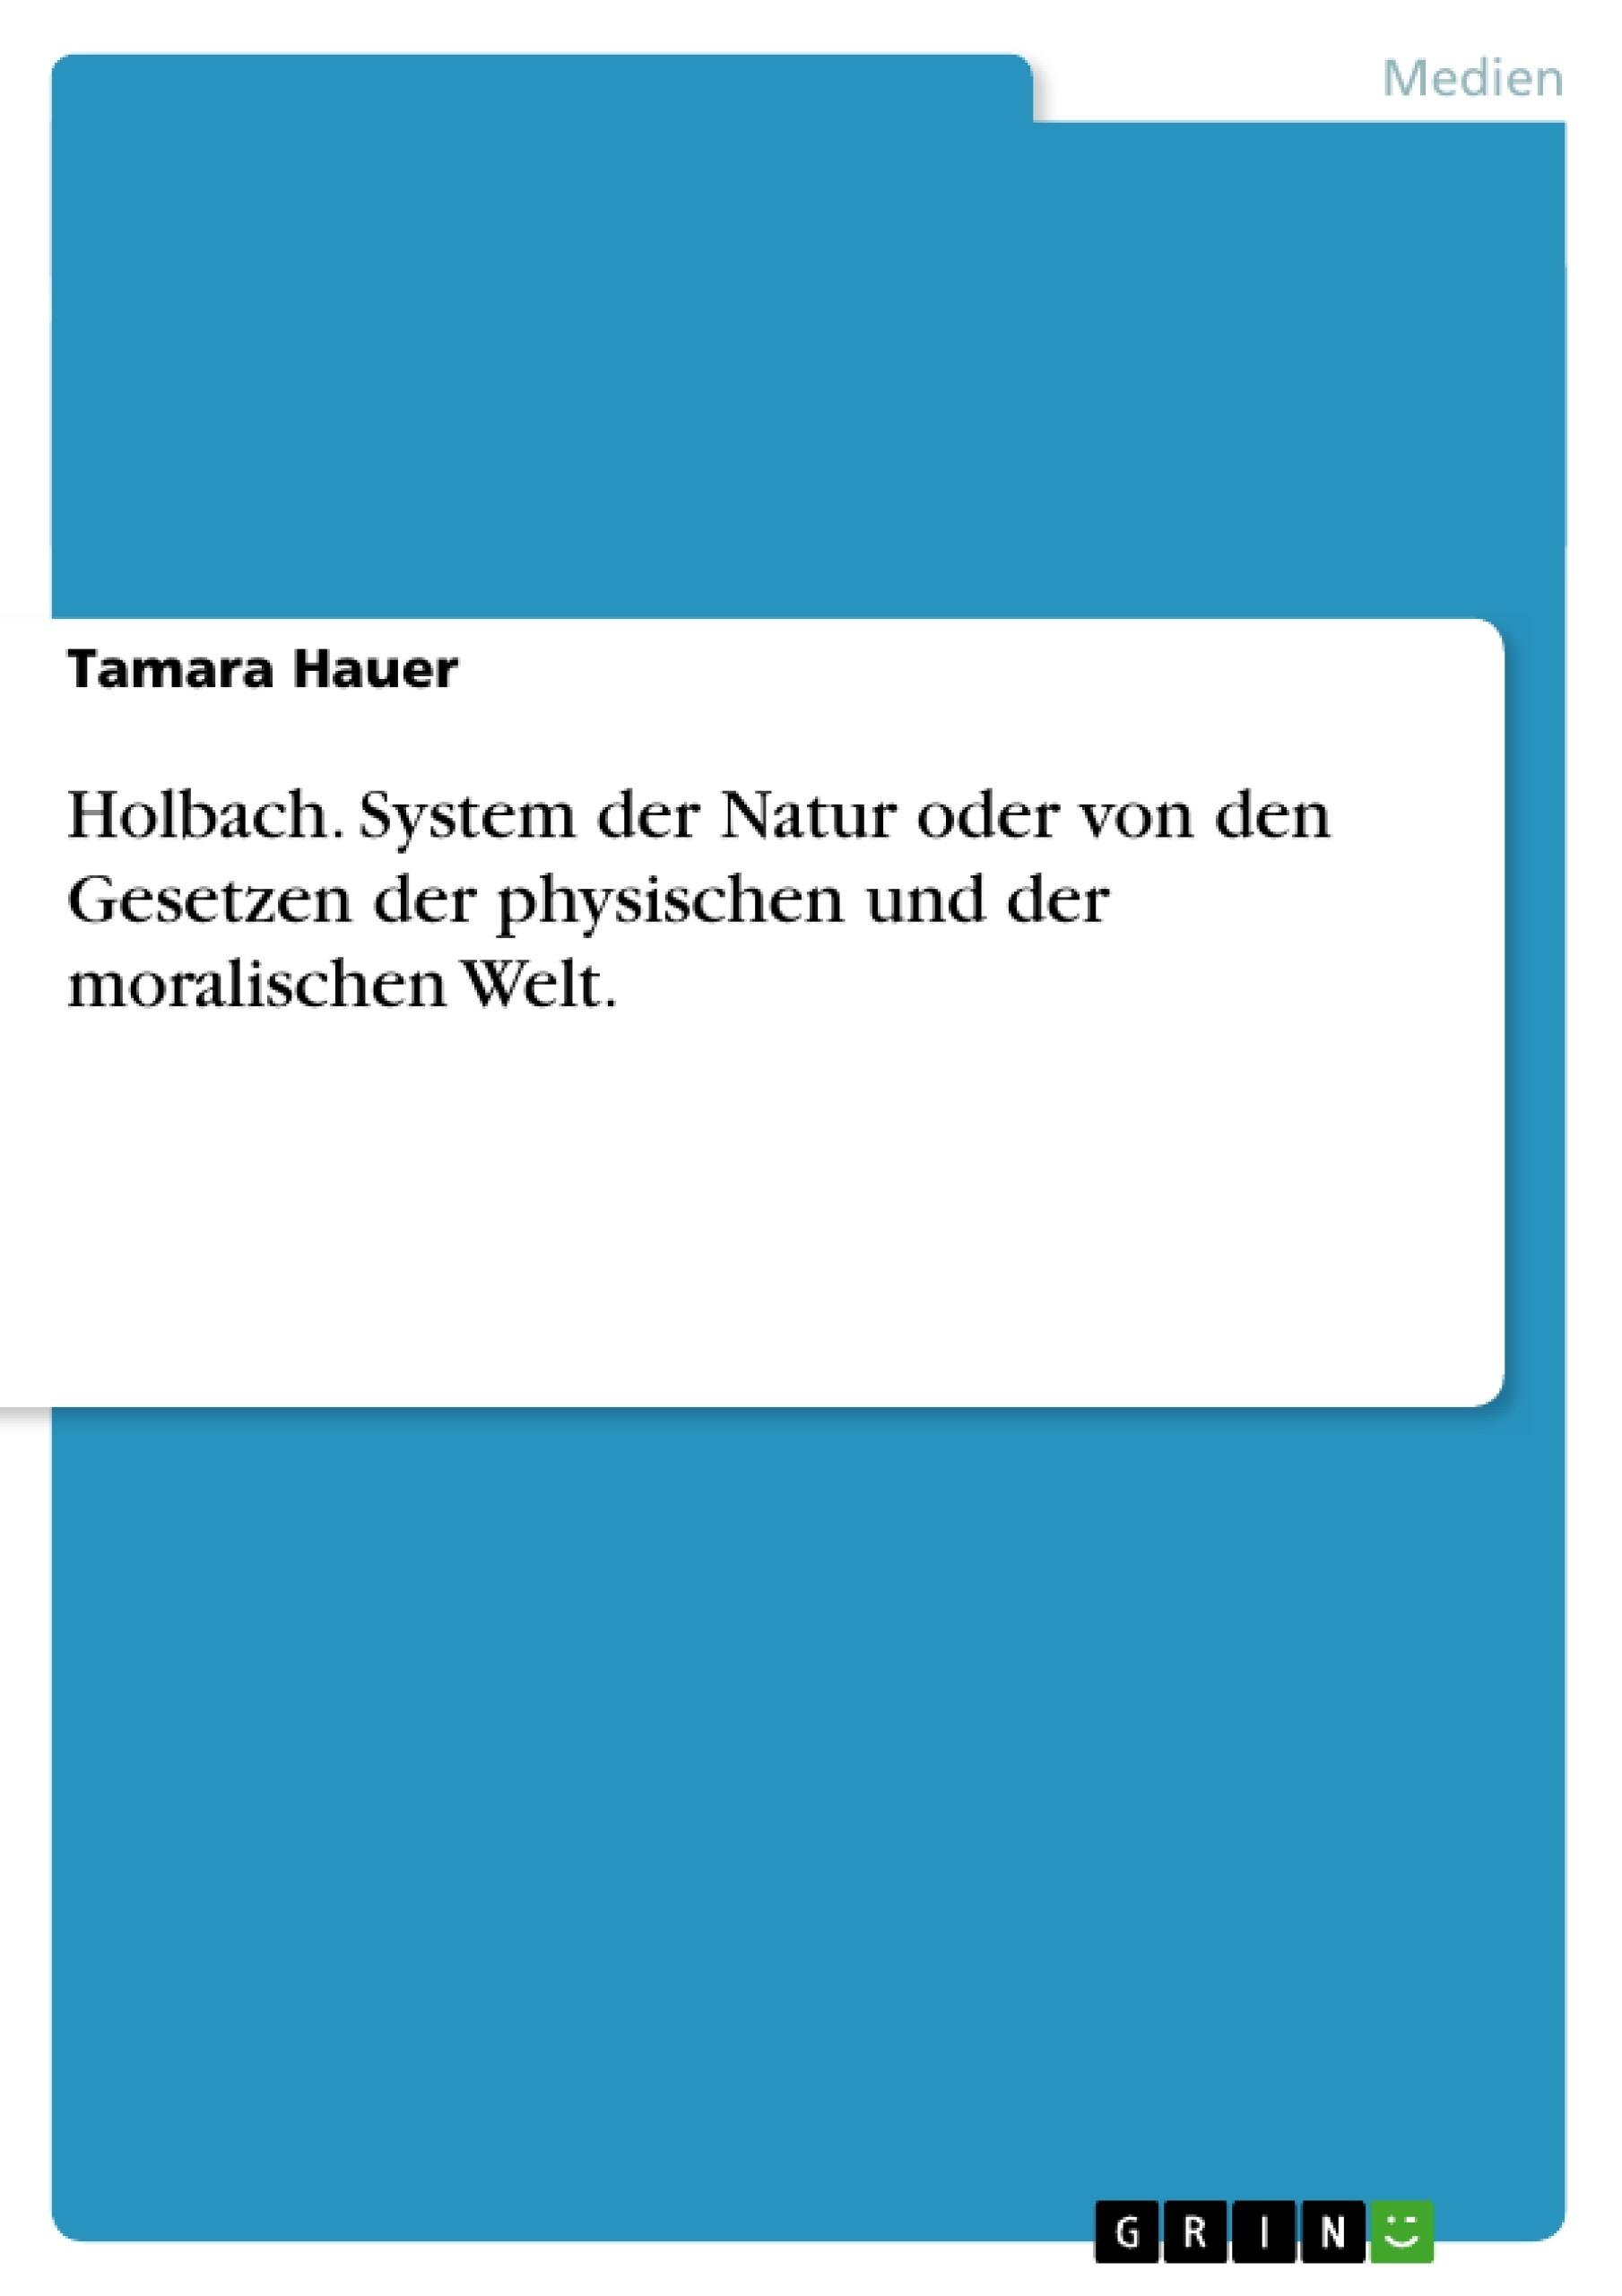 Titel: Holbach. System der Natur oder von den Gesetzen der physischen und der moralischen Welt.